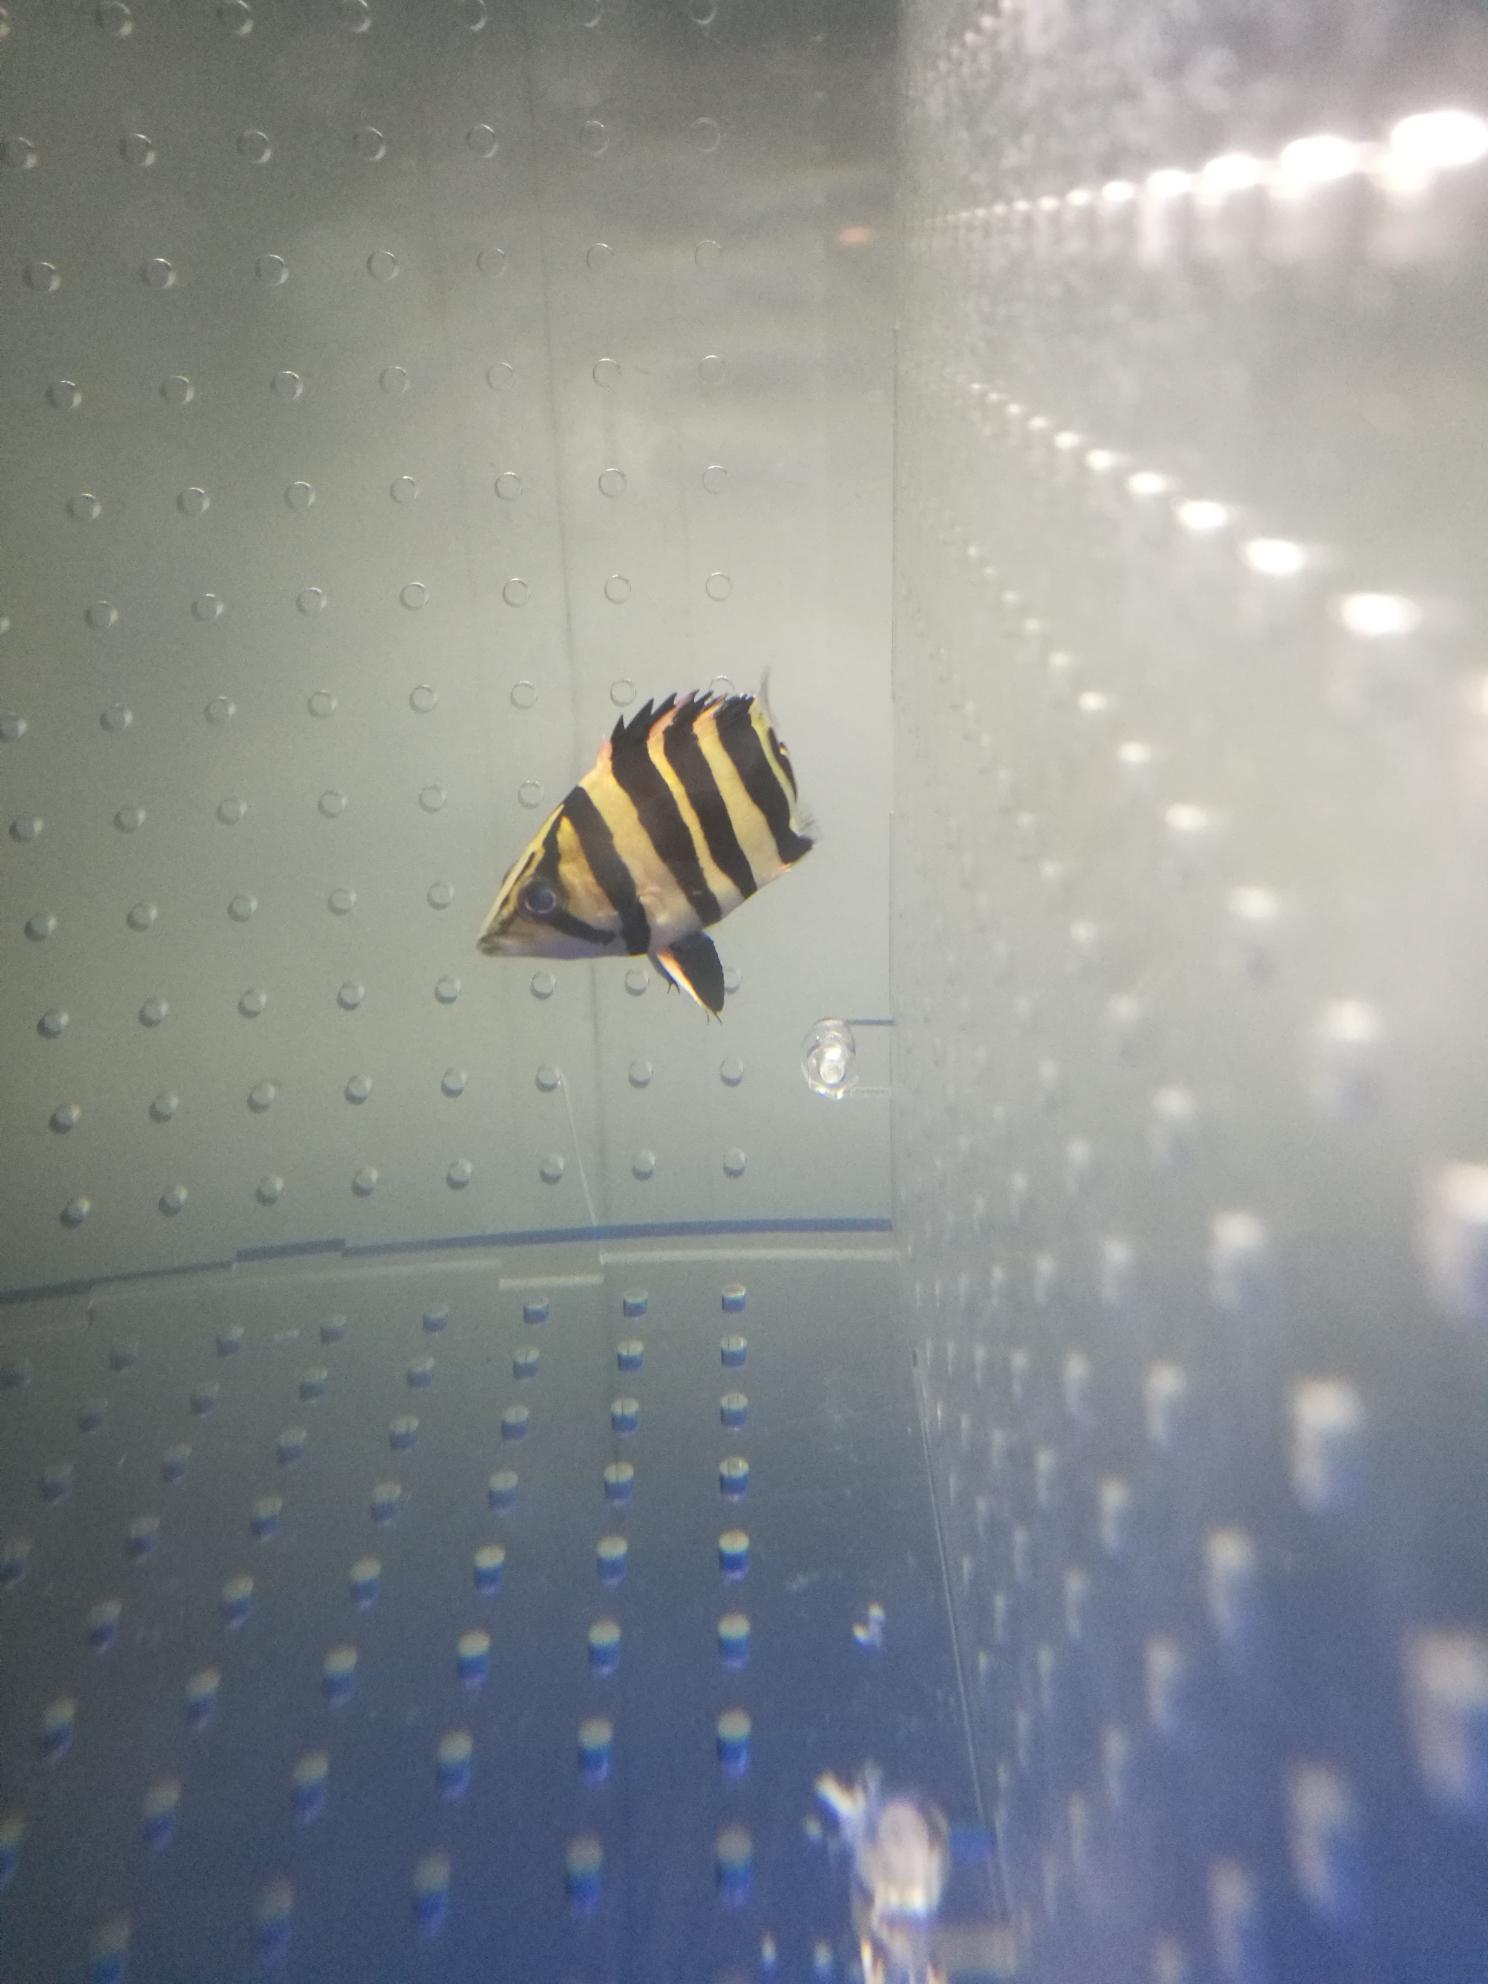 北京哪种关刀鱼最漂亮小虎蒙眼了怎么治呢?请高手指点 北京观赏鱼 北京龙鱼第5张